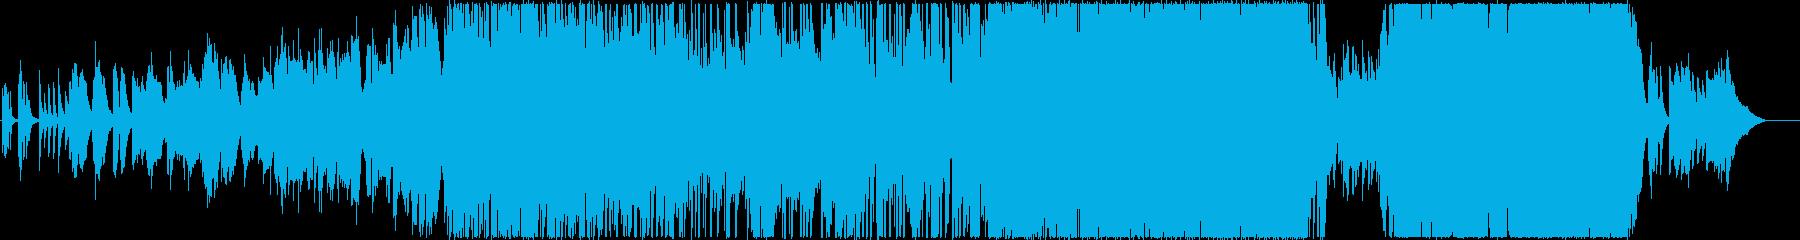 切ない系映像作品にピッタリなバラードの再生済みの波形